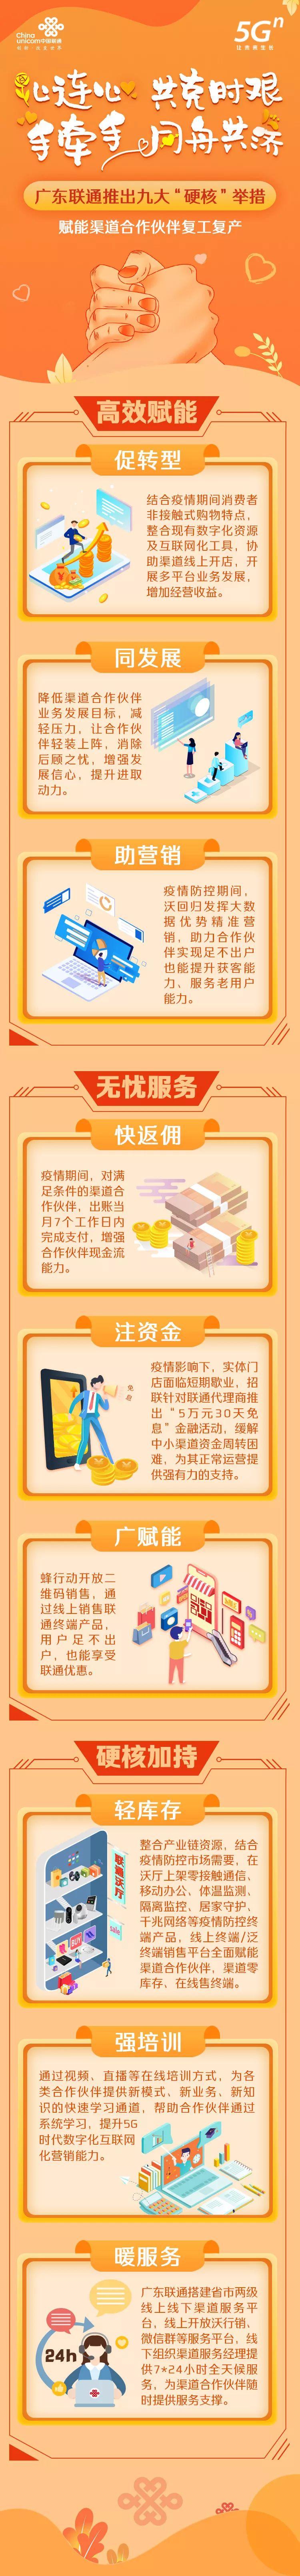 助力复工复产丨澳门太阳神集团网站联通推出九大